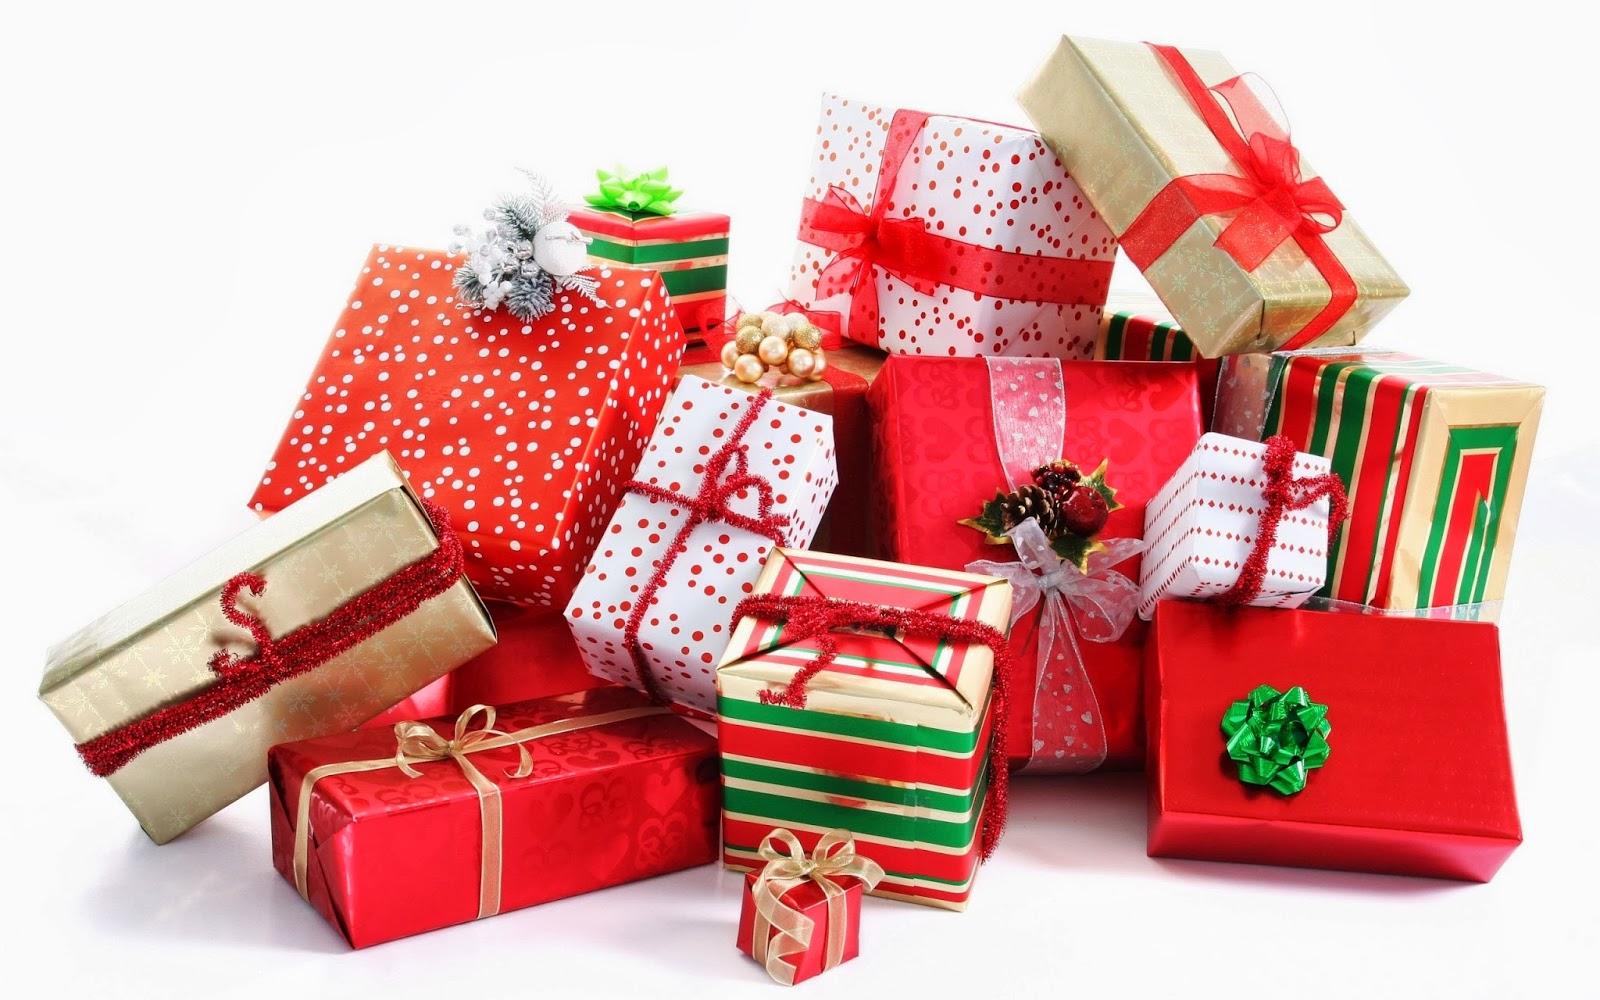 Hộp đựng quà chứa đựng tình cảm và sự chân thành của người tặng